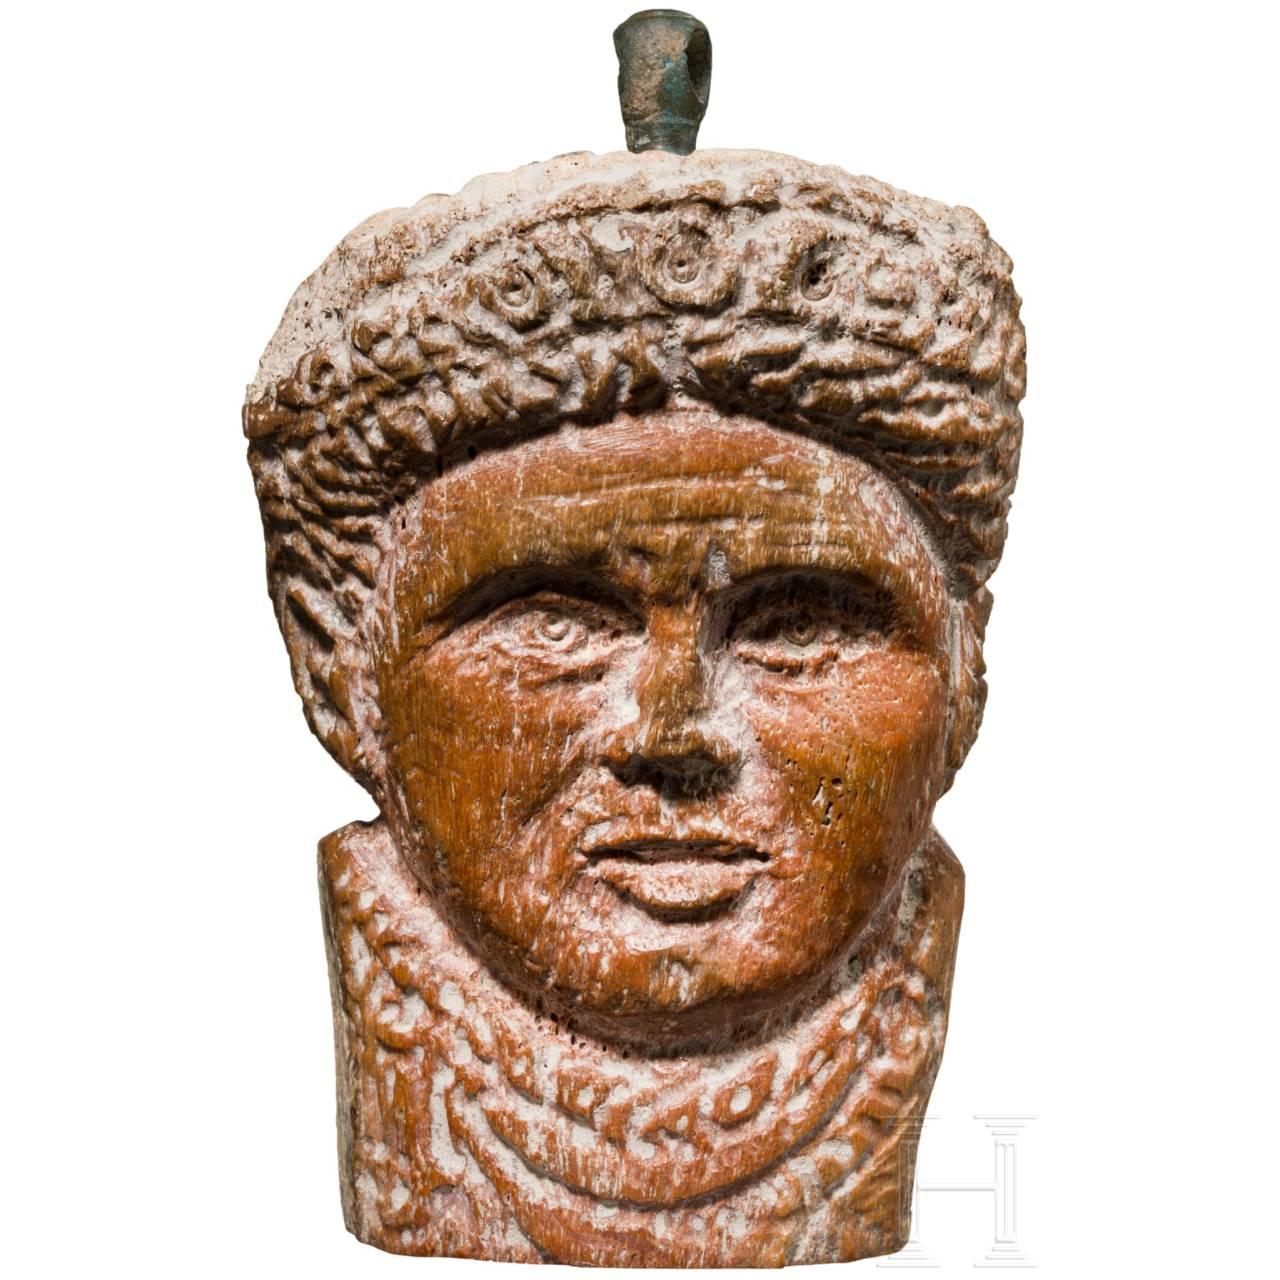 Seltenes spätantikes Kaiserporträt aus Bein, römisch, 4. Jhdt.